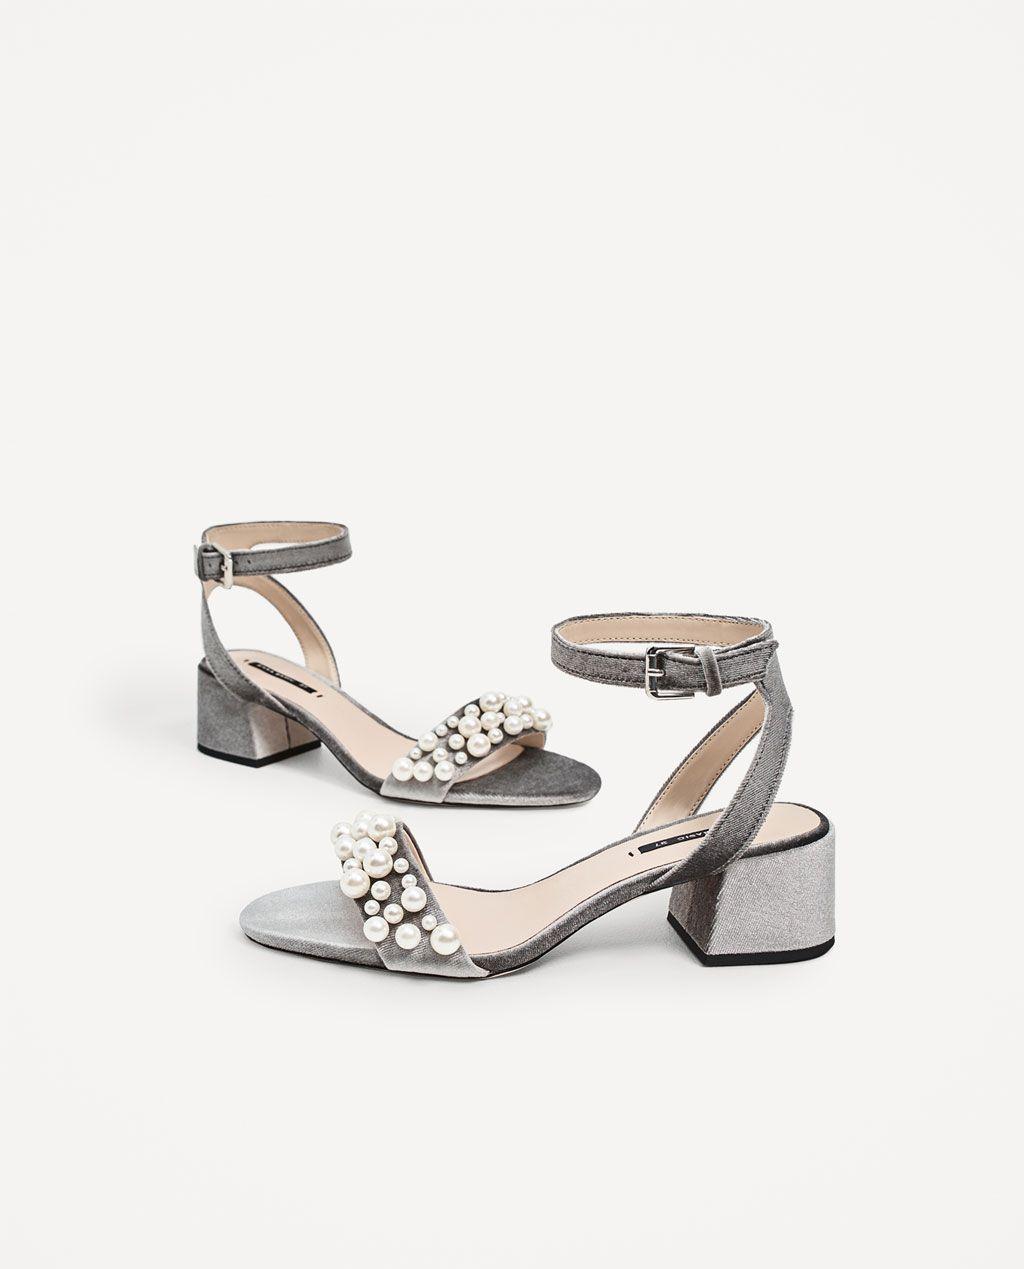 e32d1f366 SANDÁLIA DE TACÃO DE VELUDO COM DETALHE DE PÉROLAS da Zara 39,95€ Sapatos